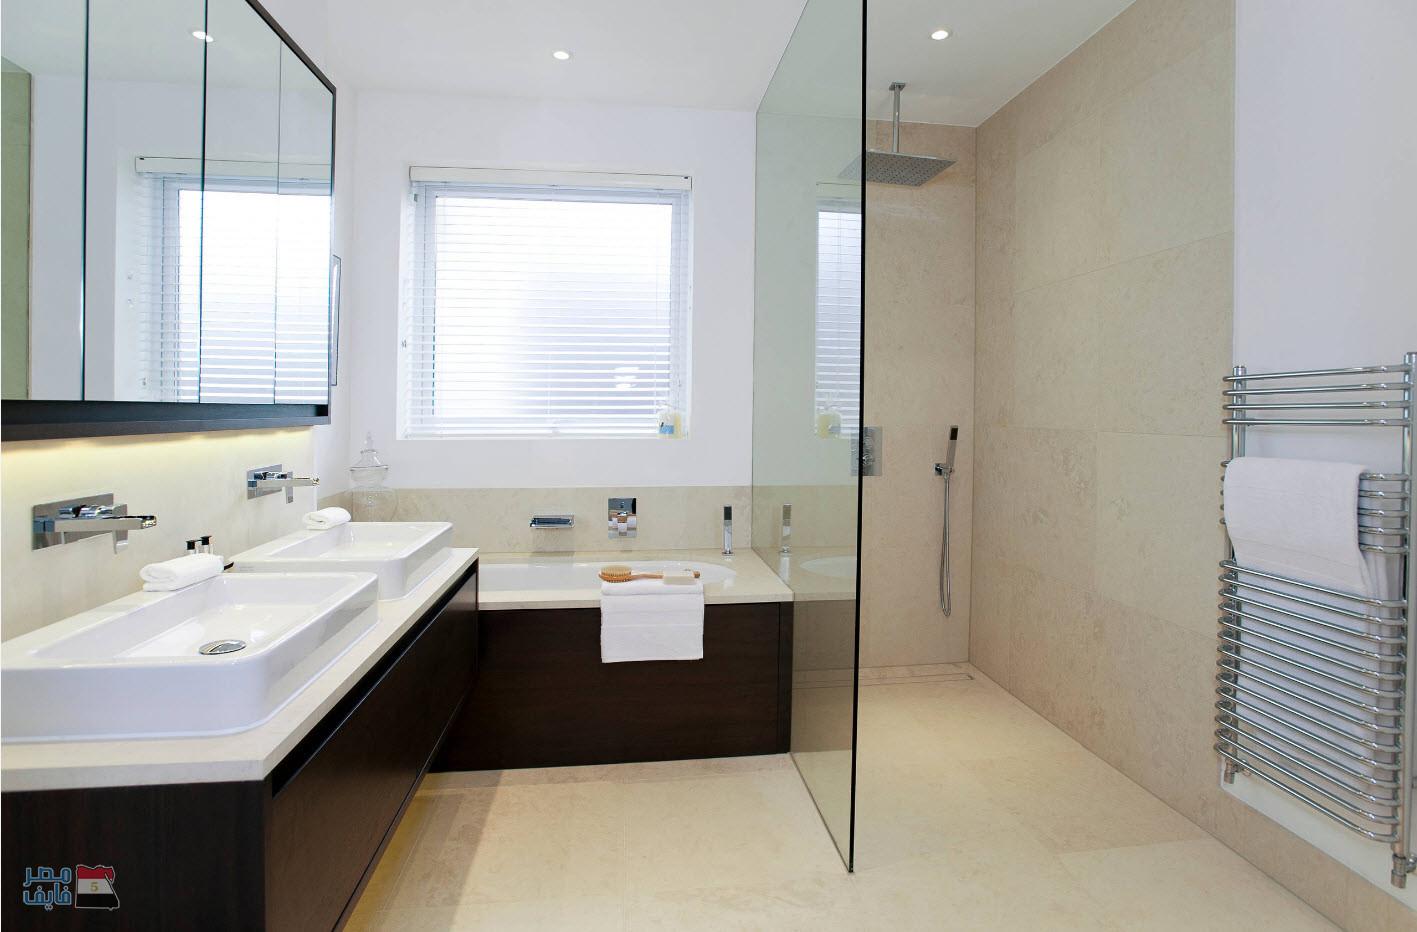 حمامات 2019 اروع تصاميم حمام منزلك كيف